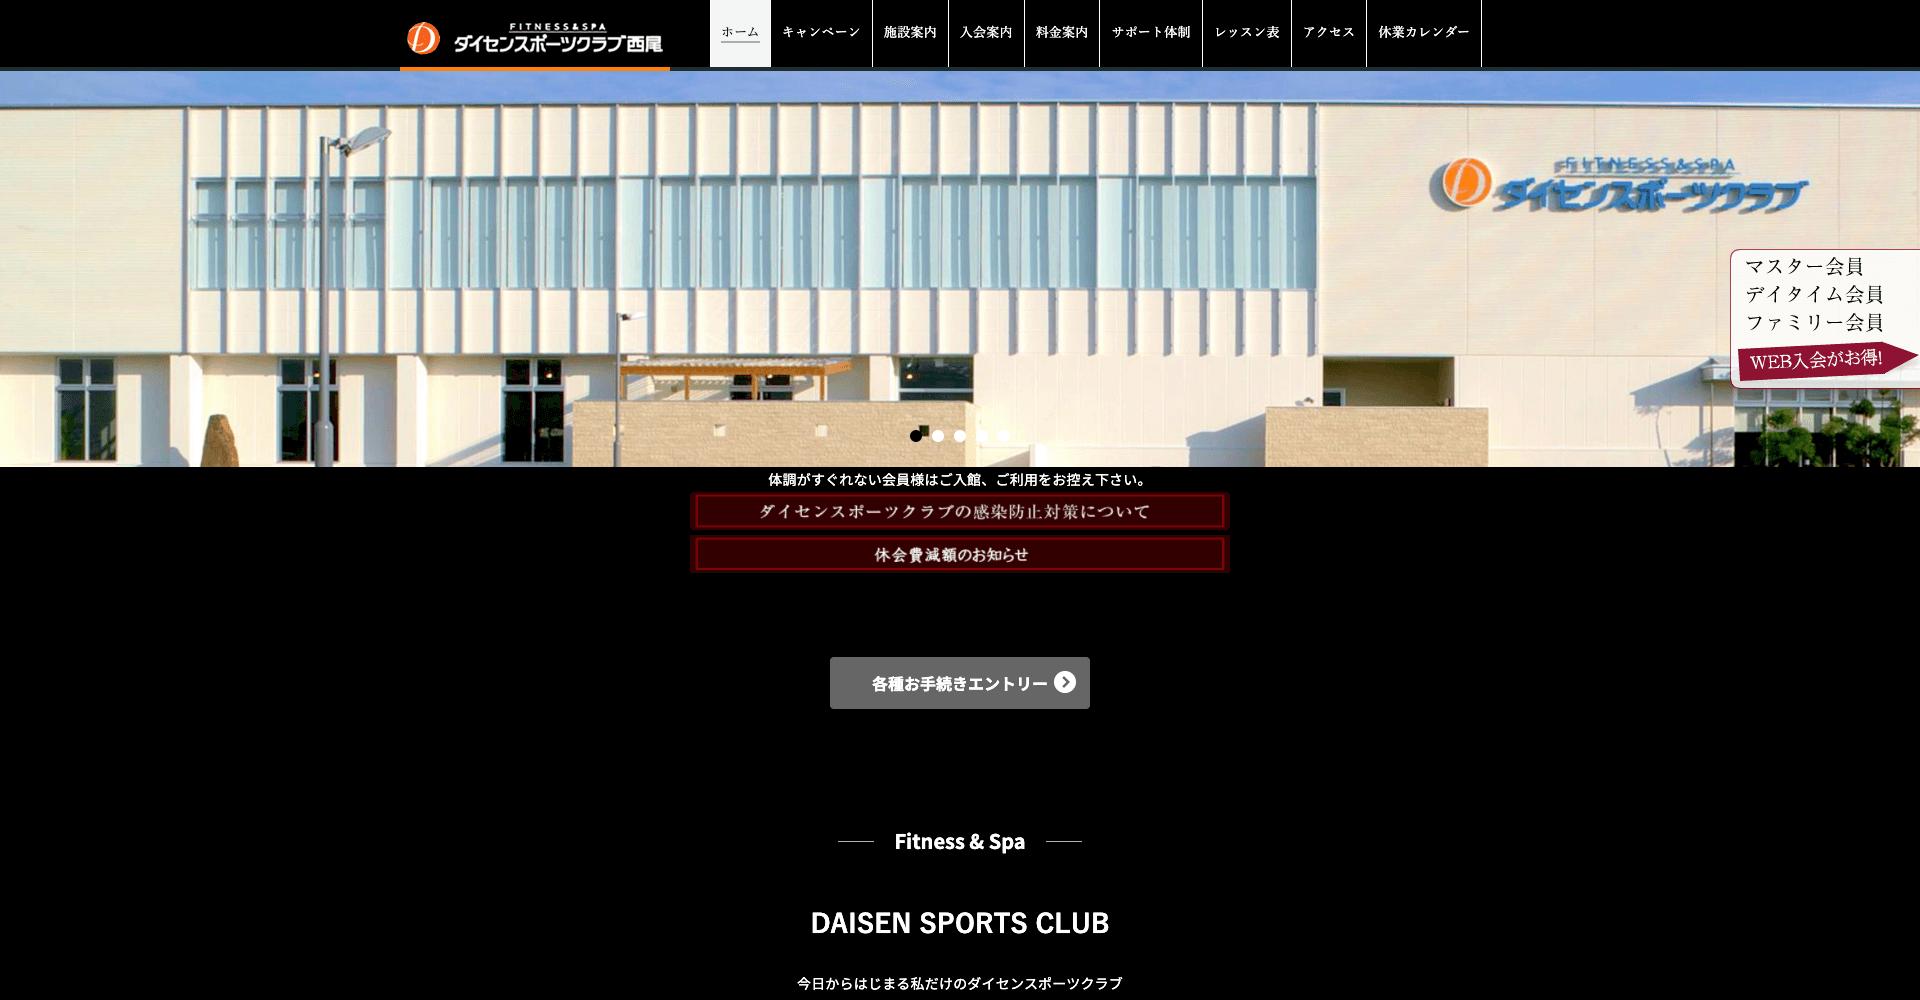 ダイセンスポーツクラブ西尾